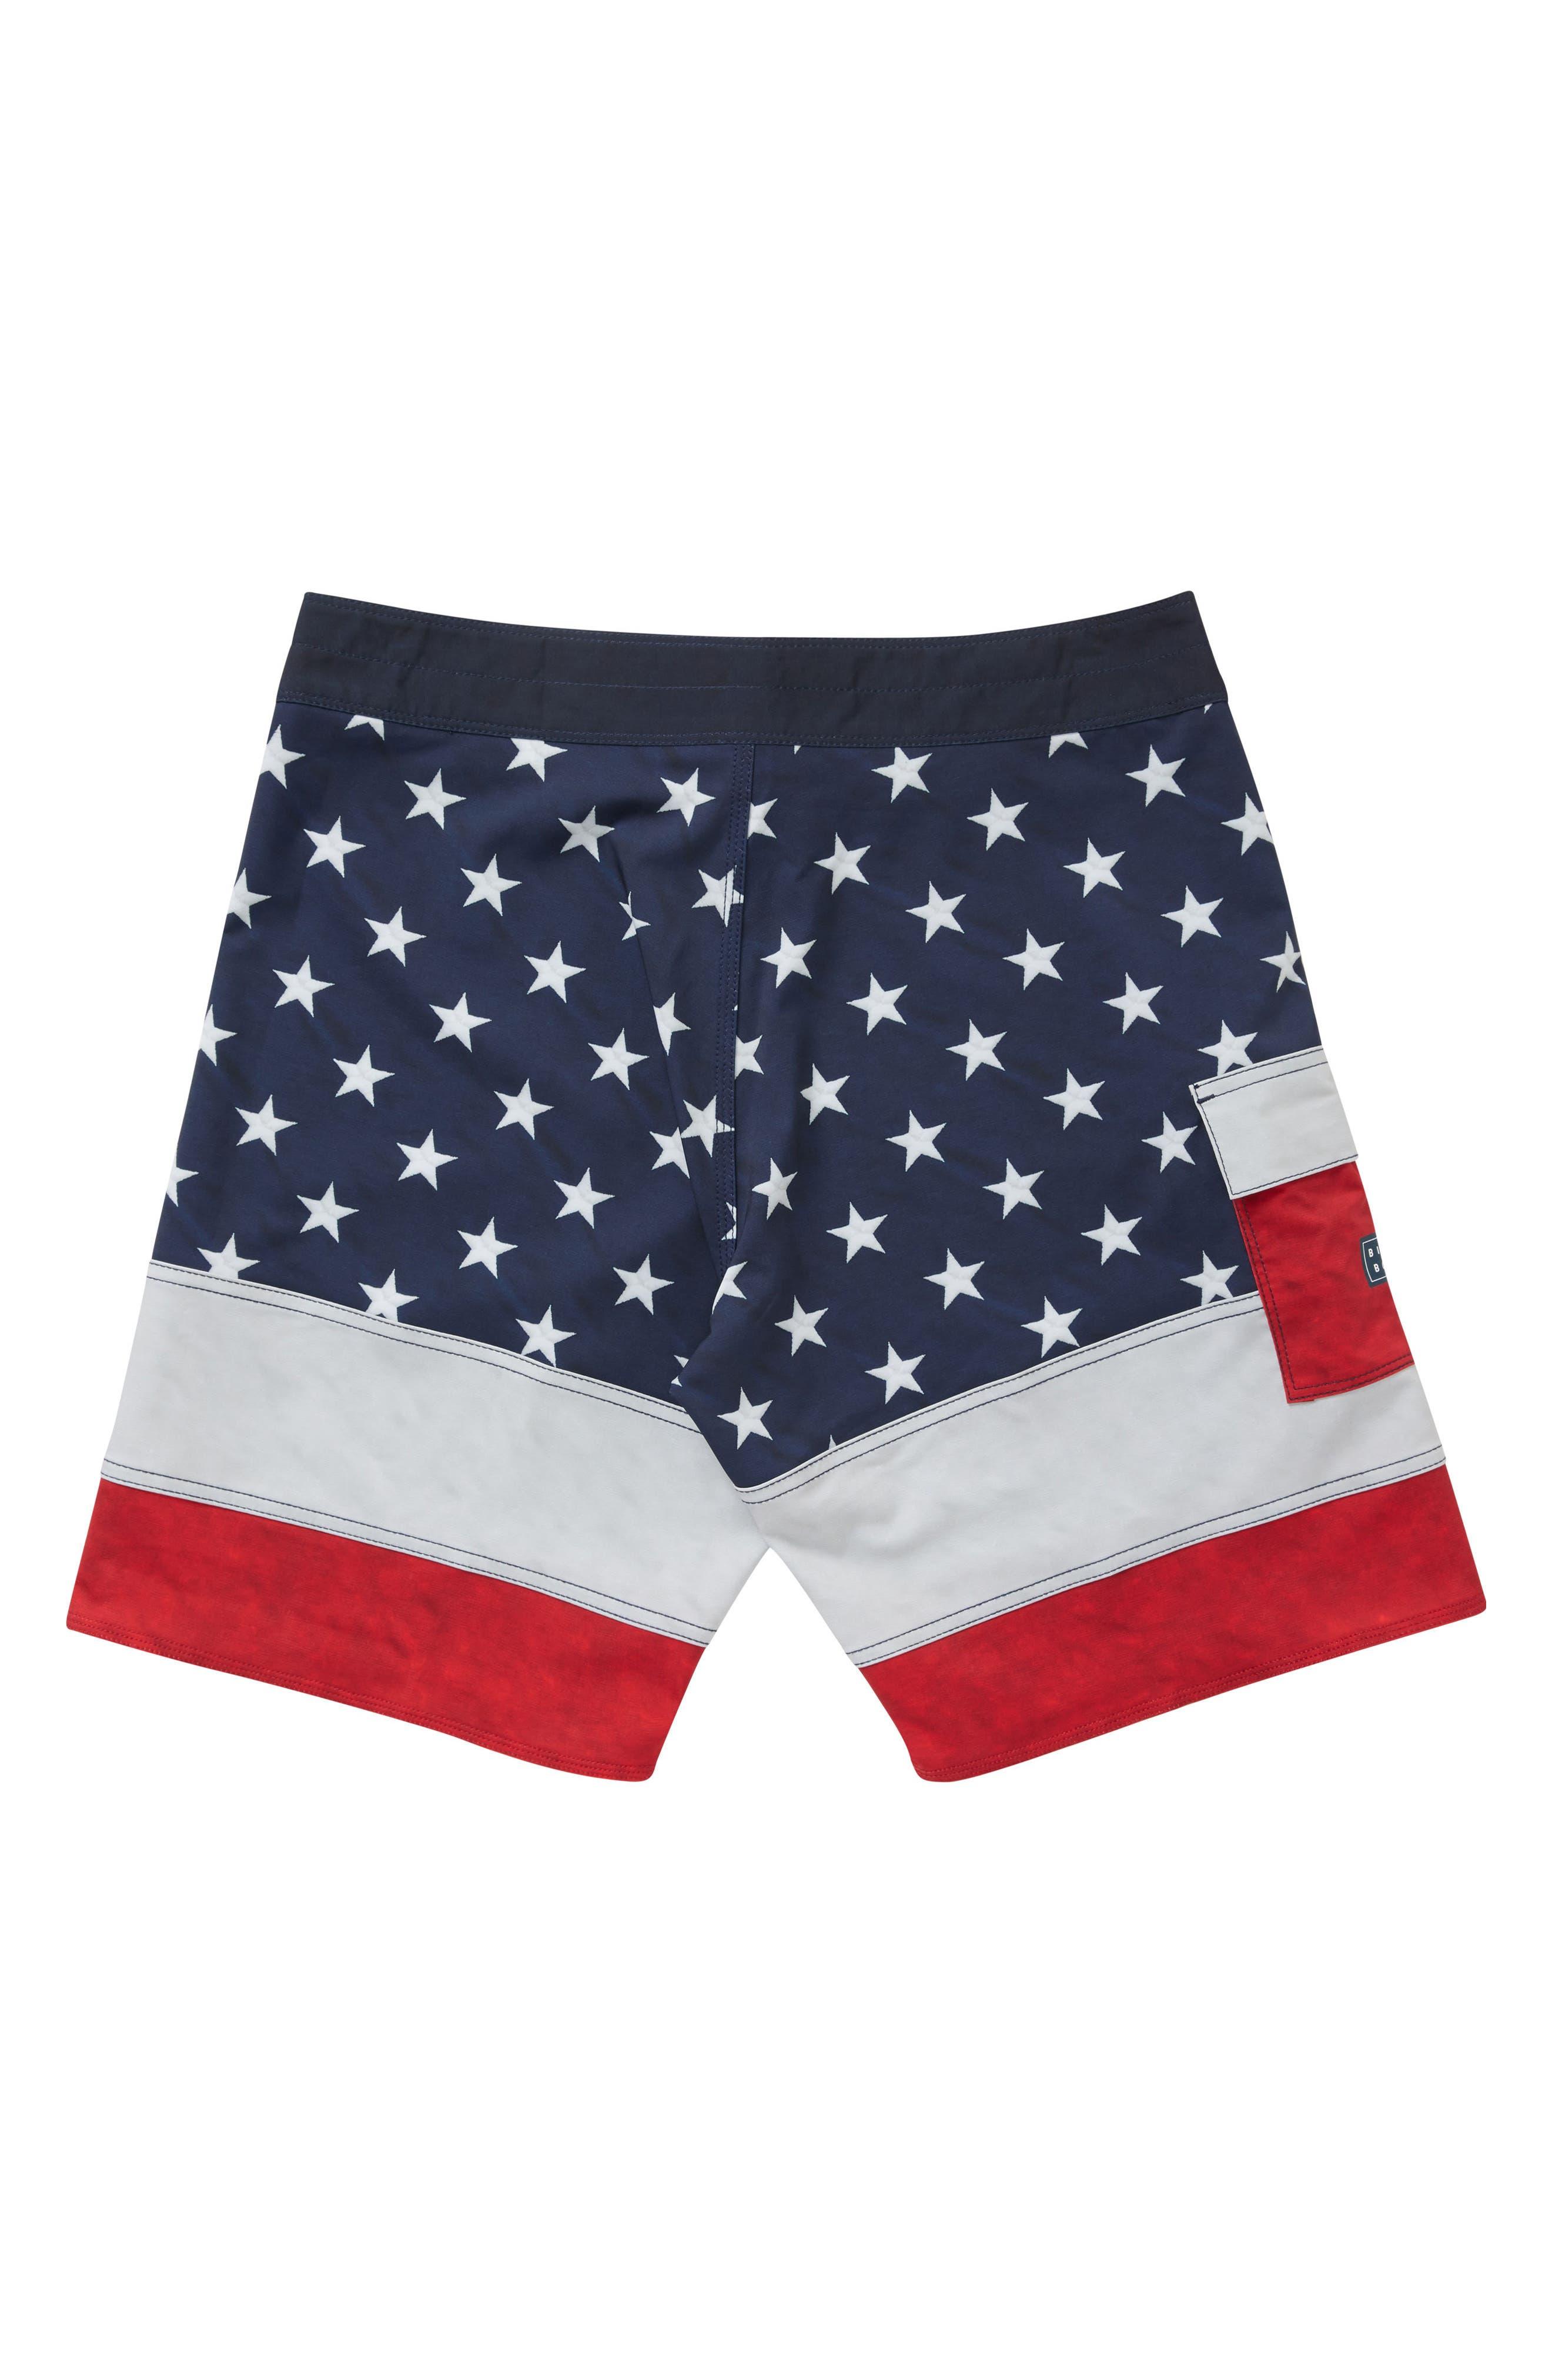 BILLABONG,                             Pump X Board Shorts,                             Alternate thumbnail 2, color,                             415